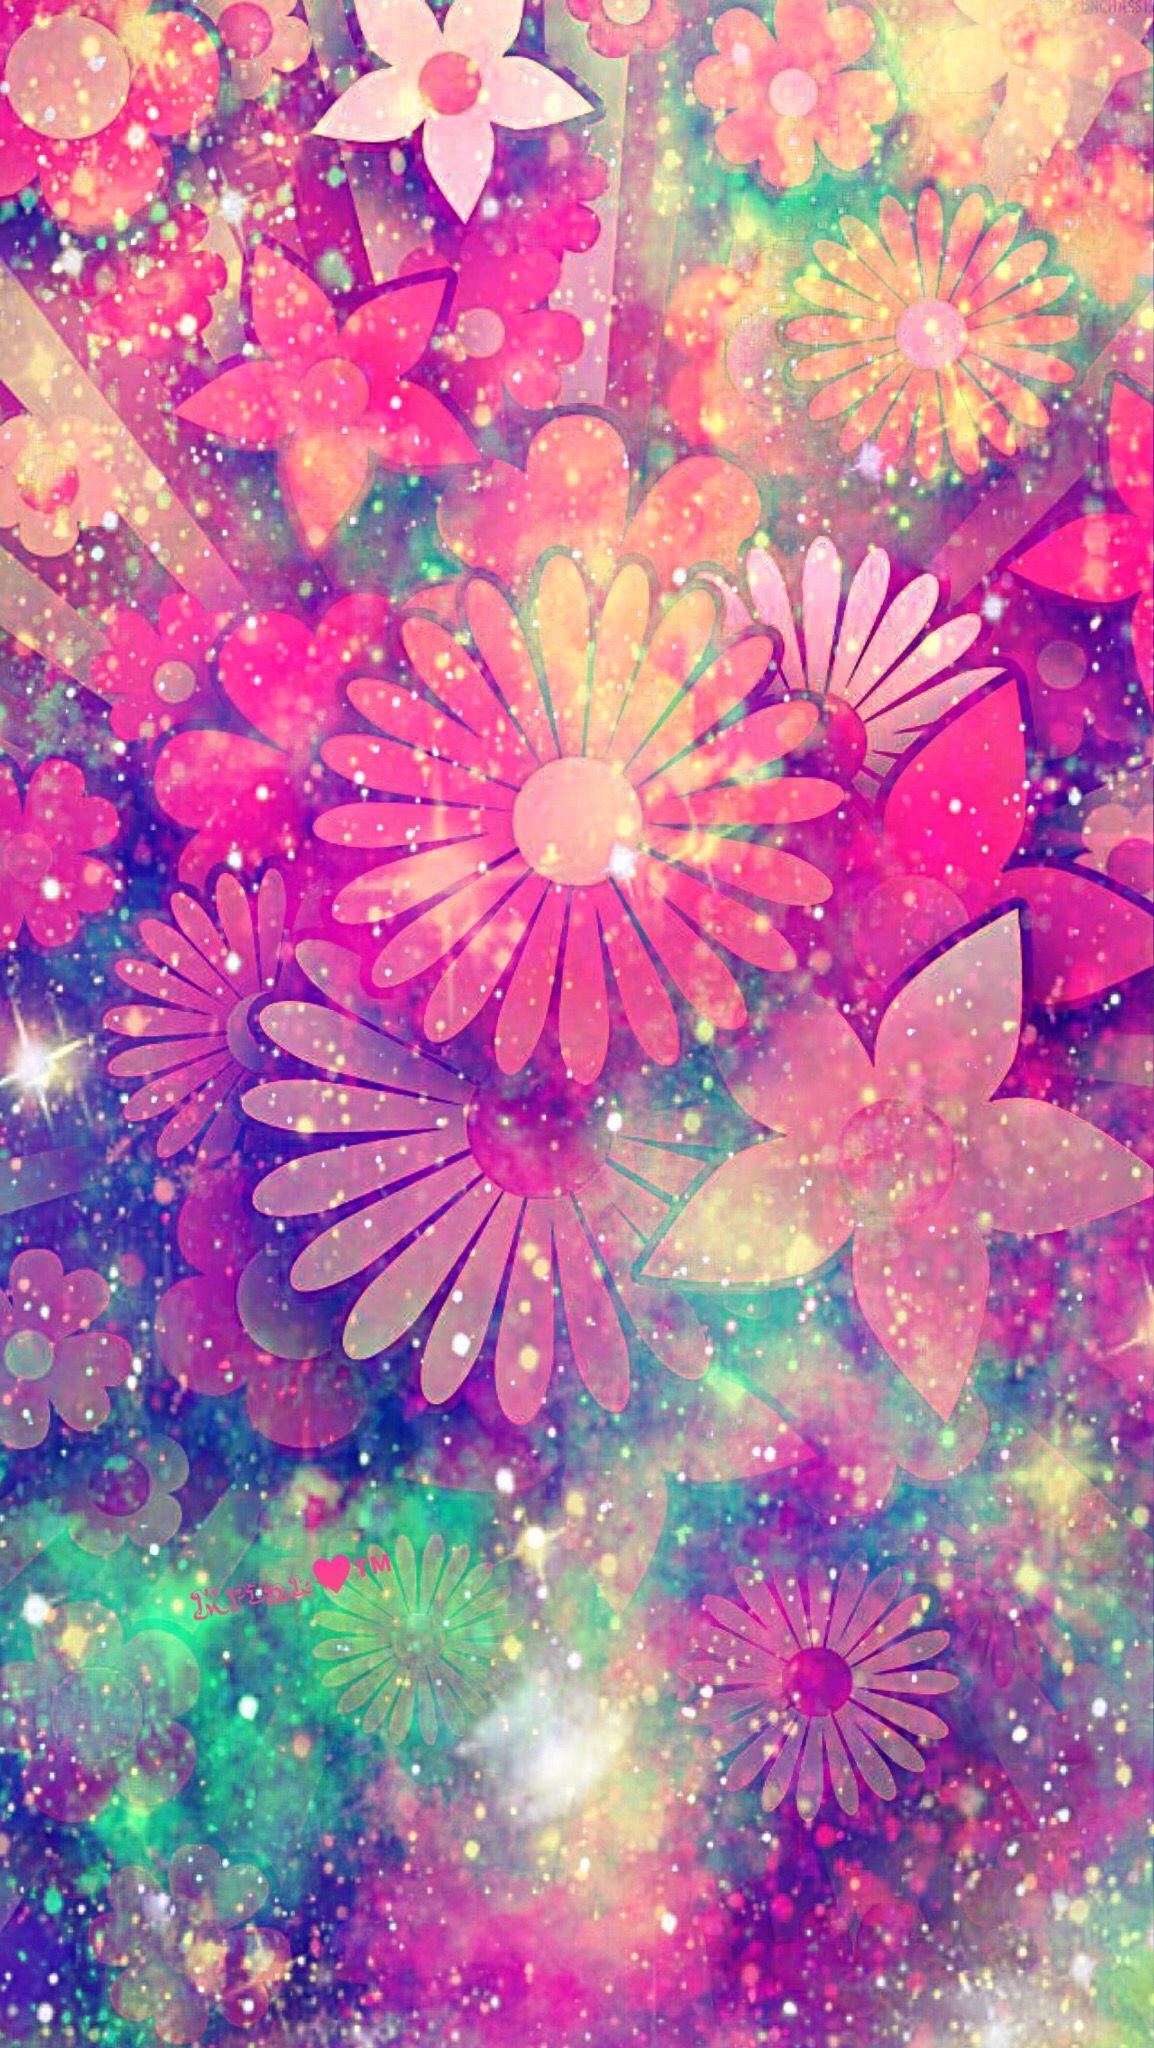 Hipster Flowers Galaxy Wallpaper androidwallpaper iphonewallpaper